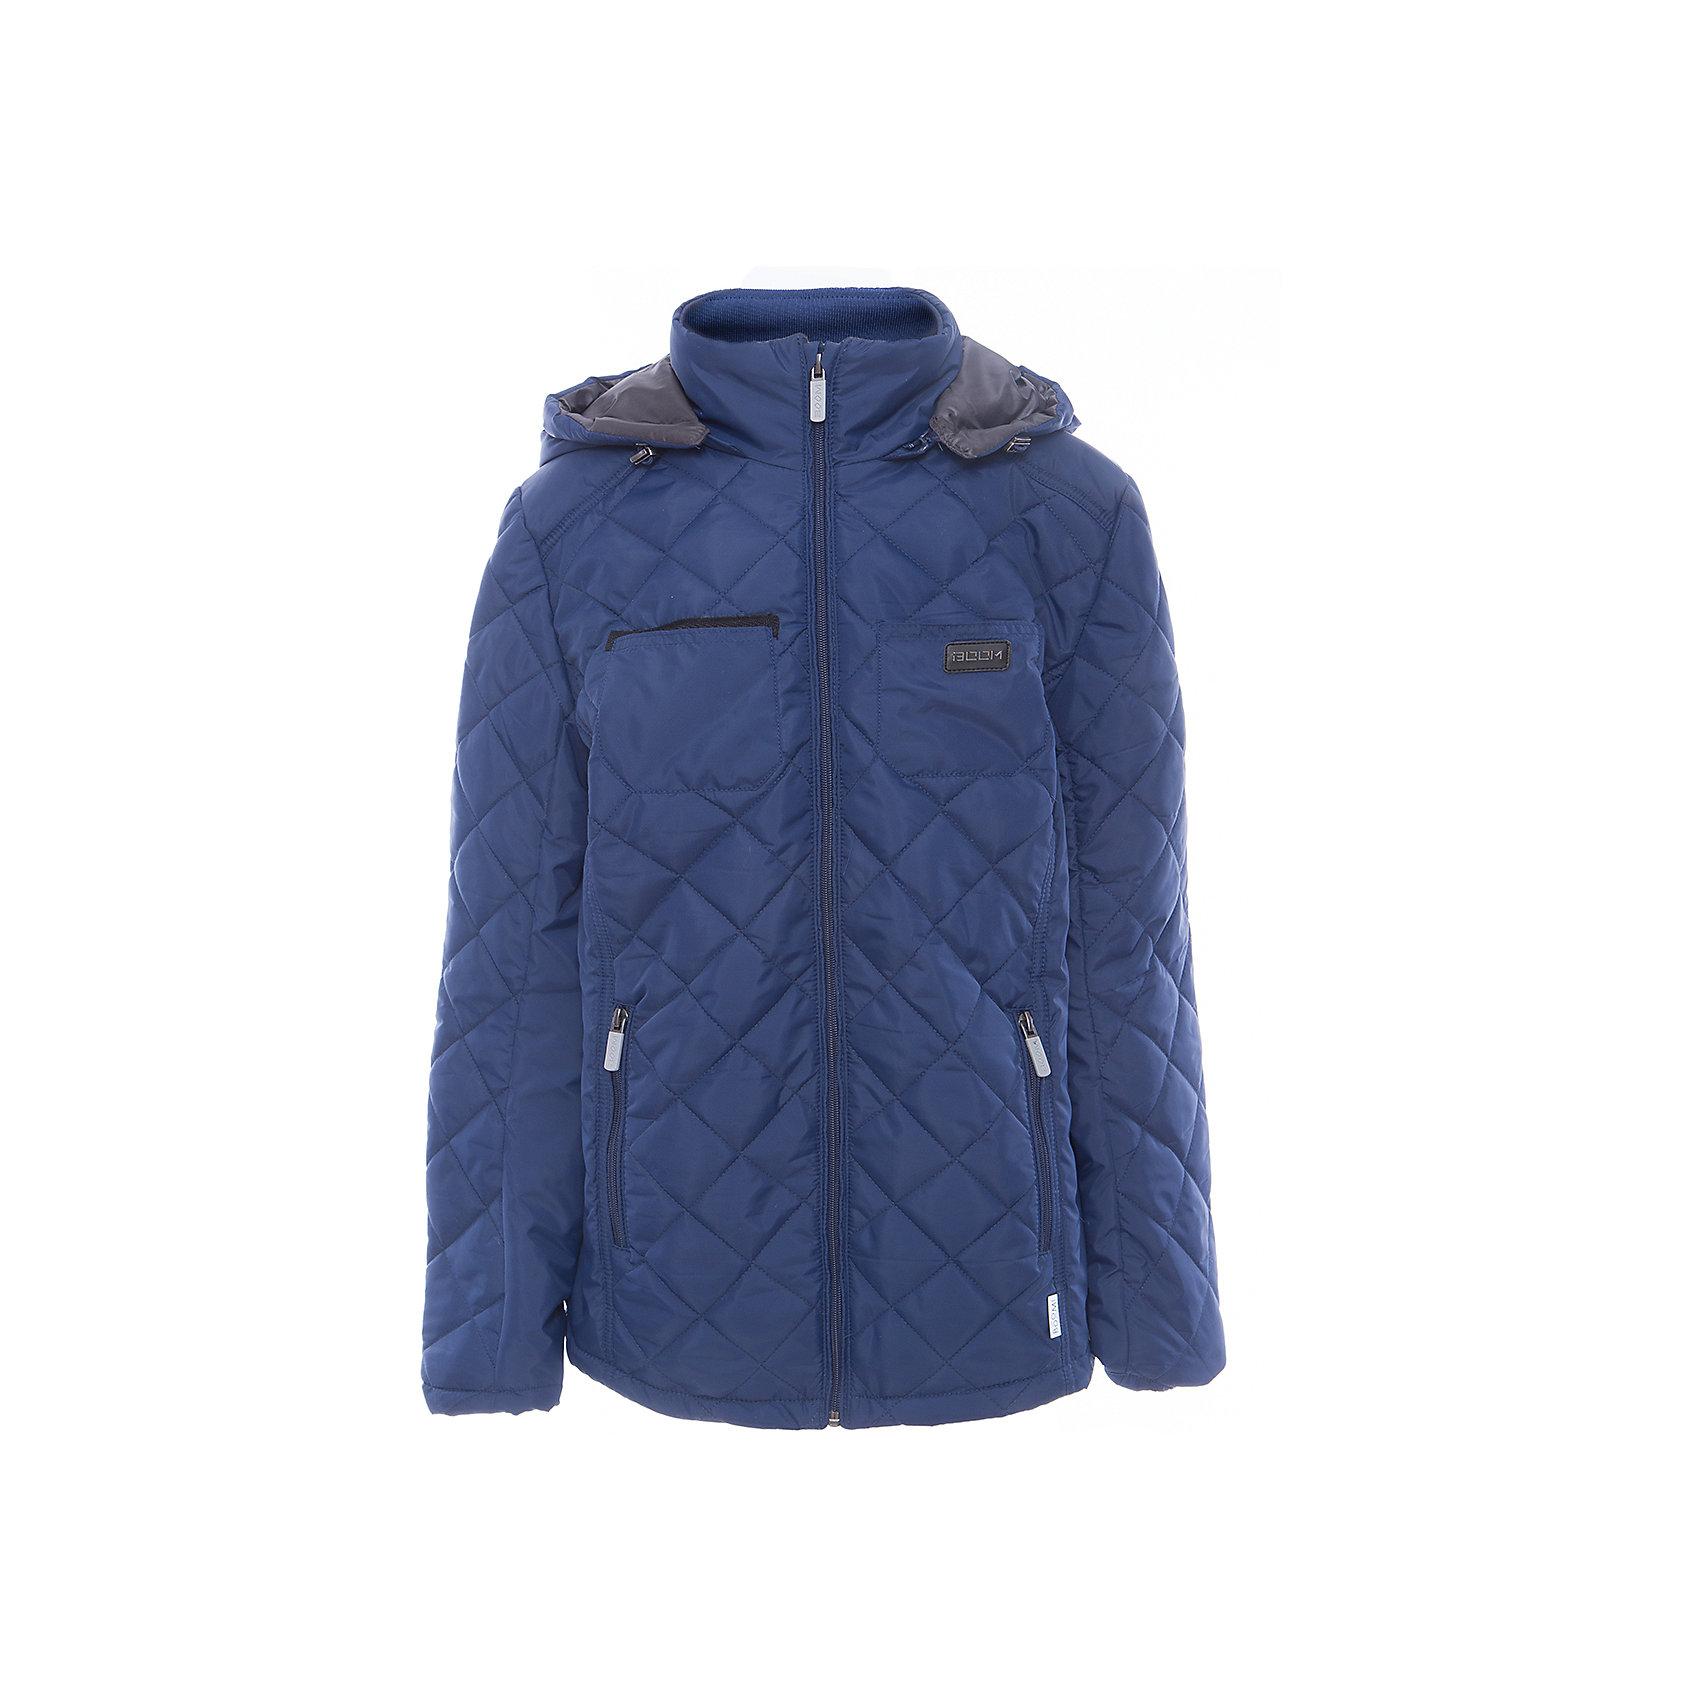 Куртка для мальчика BOOM by OrbyВерхняя одежда<br>Характеристики товара:<br><br>• цвет: синий<br>• состав: верх - таффета, подкладка - поликоттон, полиэстер, утеплитель: Flexy Fiber 150 г/м2<br>• карманы<br>• температурный режим: от -5 С° до +10 С° <br>• капюшон<br>• застежка - молния<br>• воротник-стойка<br>• комфортная посадка<br>• страна производства: Российская Федерация<br>• страна бренда: Российская Федерация<br>• коллекция: весна-лето 2017<br><br>Такая куртка- отличный вариант для походов в школу в межсезонье с его постоянно меняющейся погодой. Эта модель - модная и удобная одновременно! Изделие отличается стильным элегантным дизайном. Куртка хорошо сидит по фигуре, отлично сочетается с различным низом. Вещь была разработана специально для детей.<br><br>Одежда от российского бренда BOOM by Orby уже завоевала популярностью у многих детей и их родителей. Вещи, выпускаемые компанией, качественные, продуманные и очень удобные. Для производства коллекций используются только безопасные для детей материалы. Спешите приобрести модели из новой коллекции Весна-лето 2017! <br><br>Куртку для мальчика от бренда BOOM by Orby можно купить в нашем интернет-магазине.<br><br>Ширина мм: 356<br>Глубина мм: 10<br>Высота мм: 245<br>Вес г: 519<br>Цвет: синий<br>Возраст от месяцев: 168<br>Возраст до месяцев: 180<br>Пол: Мужской<br>Возраст: Детский<br>Размер: 170,164,116,122,128,134,140,146,158,152<br>SKU: 5343478